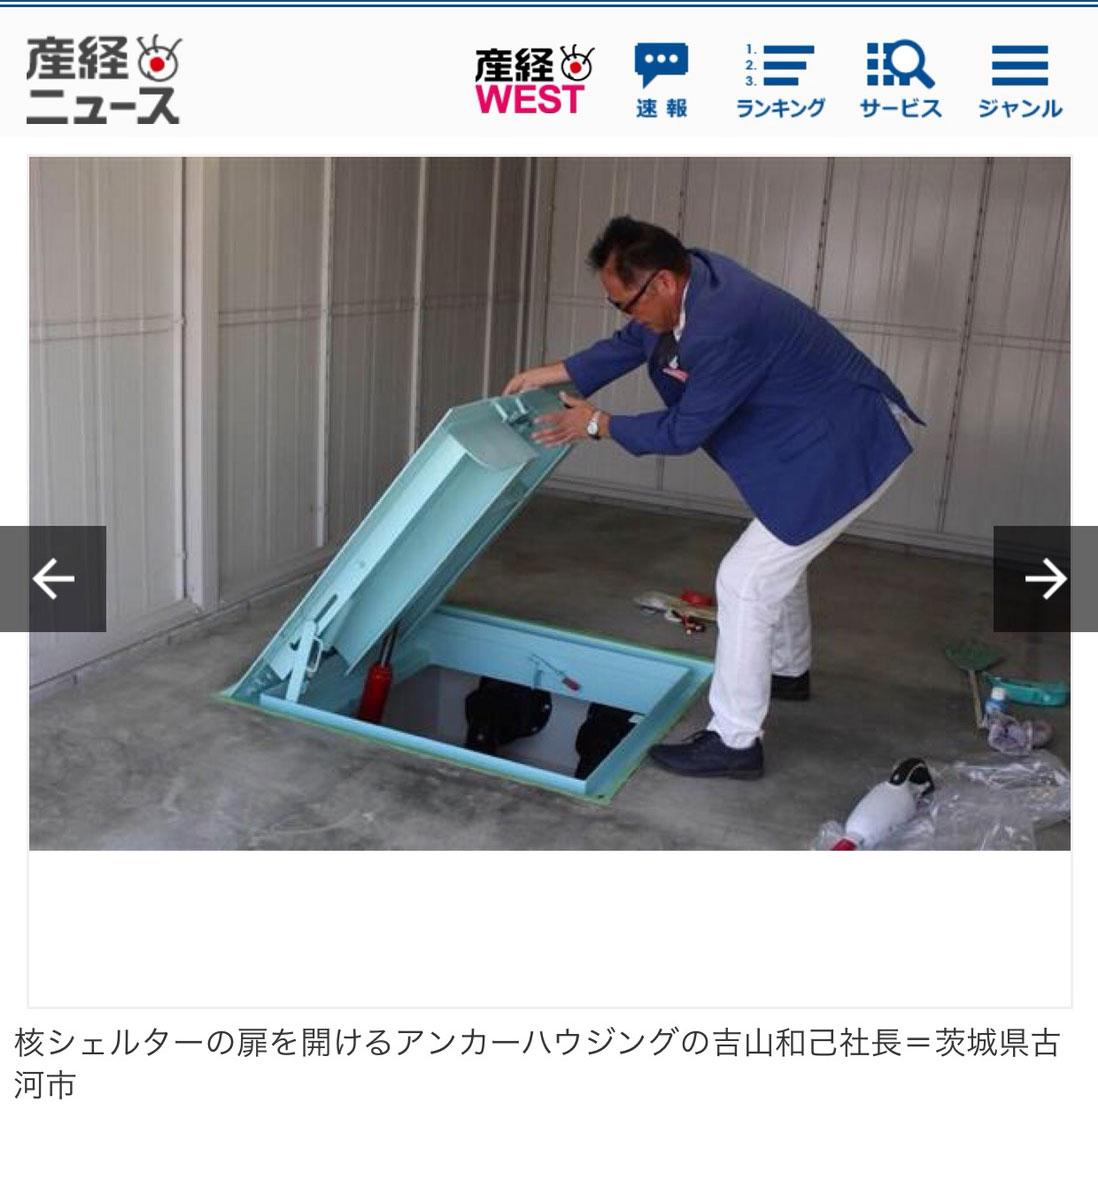 6月16日産経ニュース(WEB)でも報道されました。